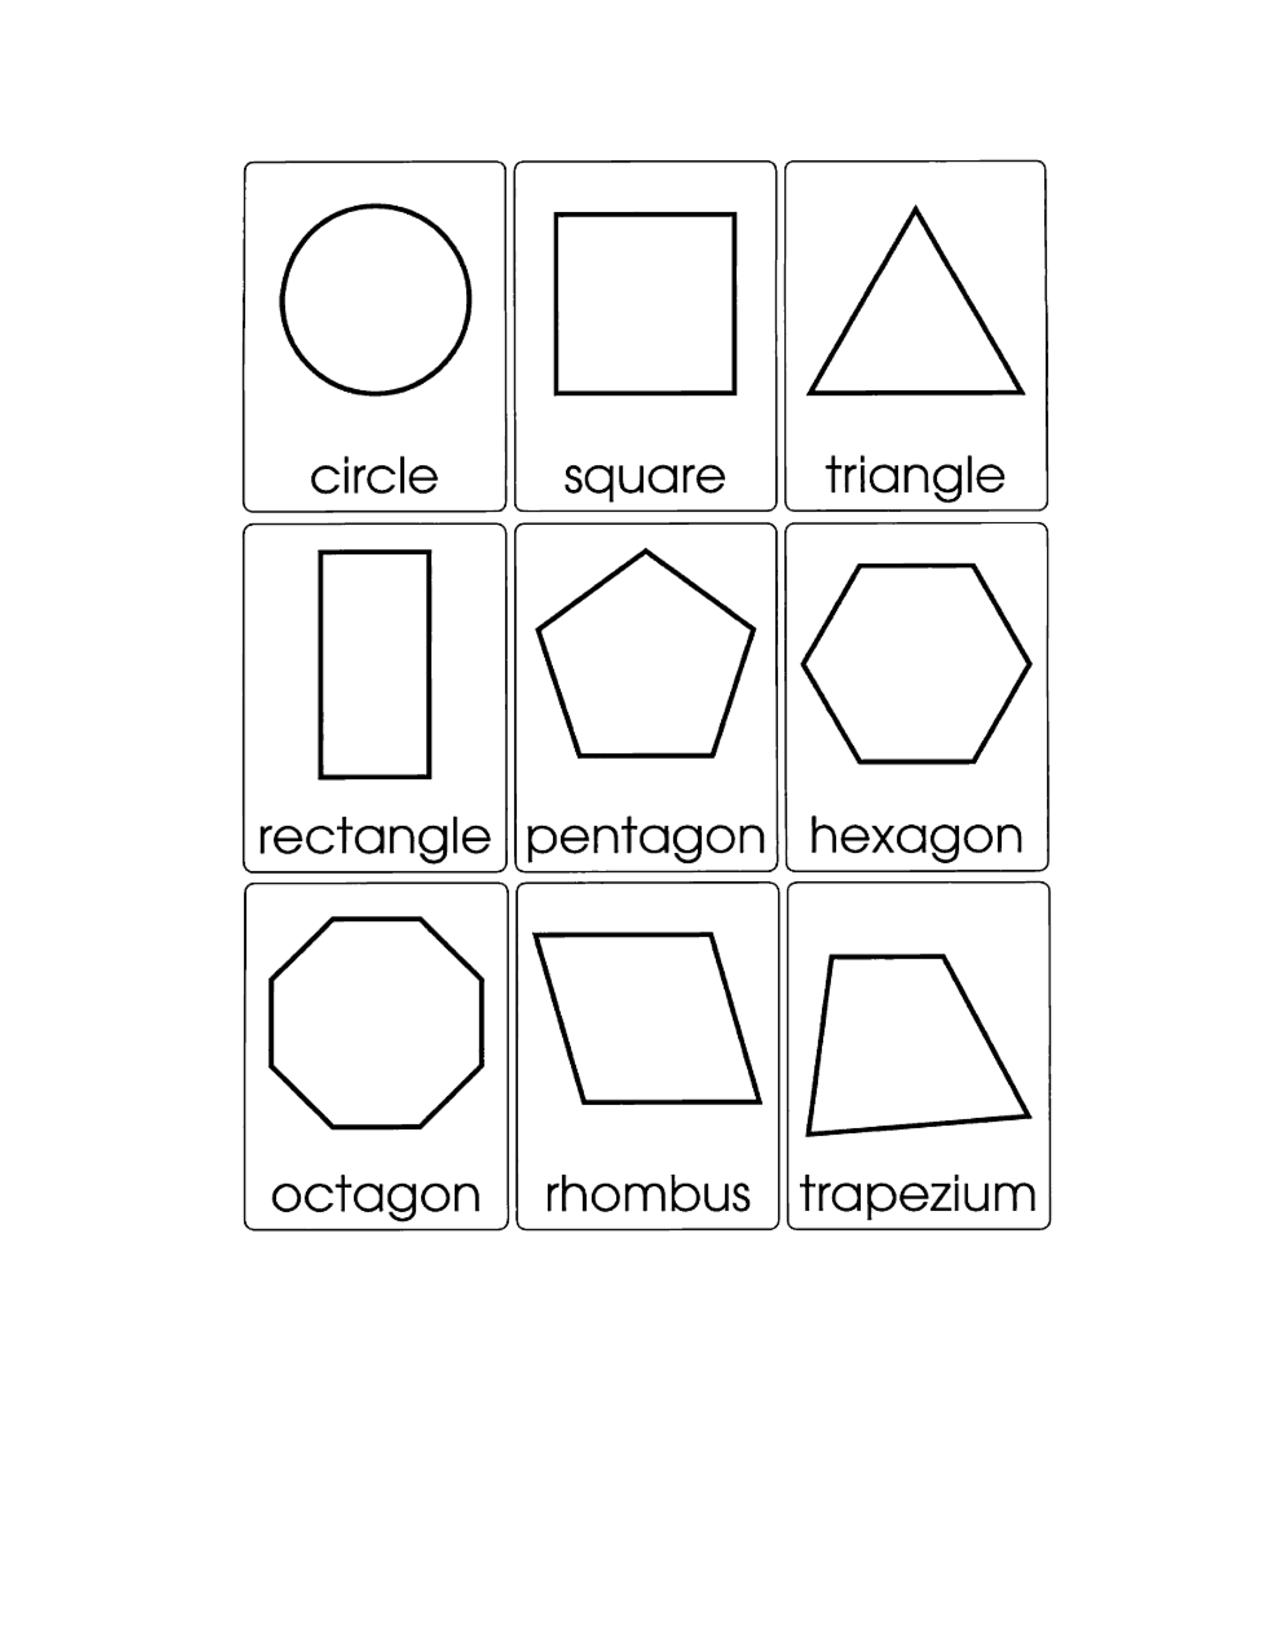 math worksheet : 7 best images of 2d and 3d shapes printables  2d and 3d shapes  : 2d And 3d Shapes Worksheets For Kindergarten